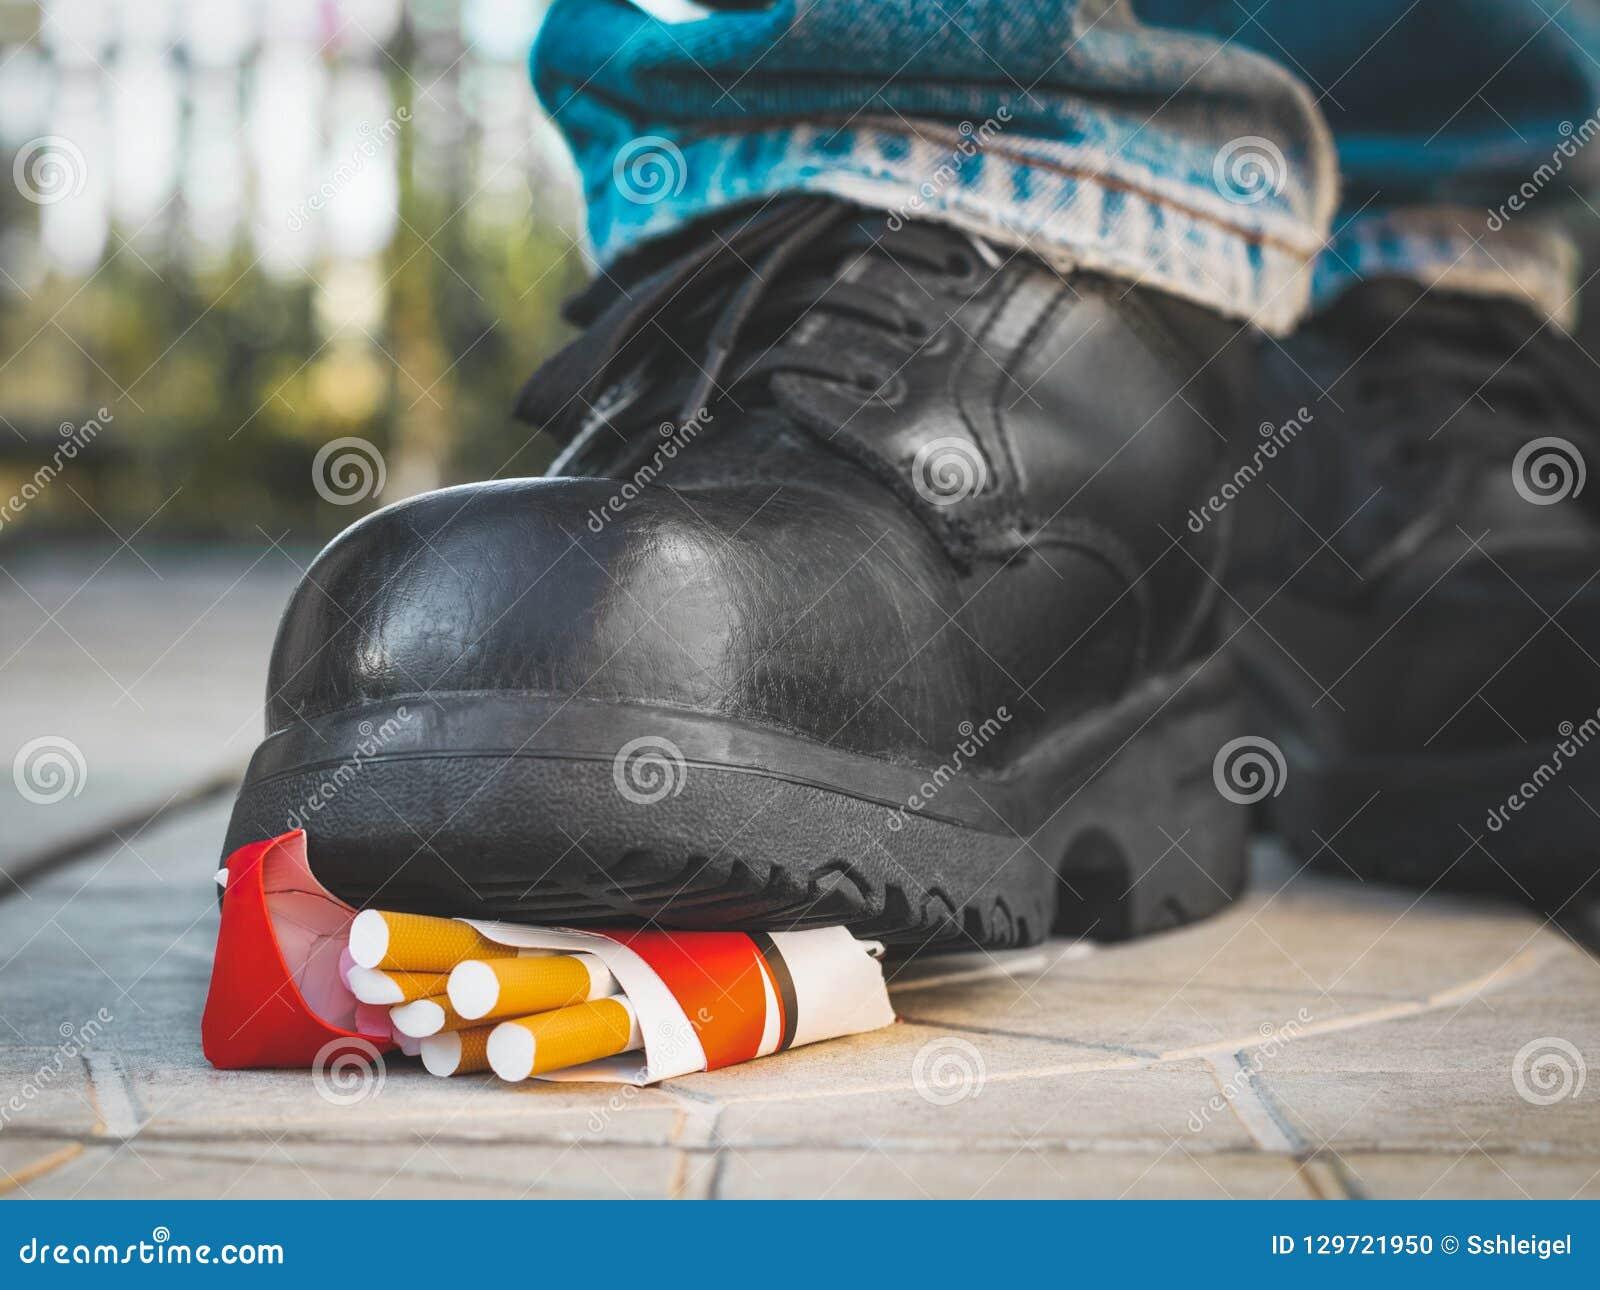 De voet in een zwarte laars verplettert een pak sigaretten